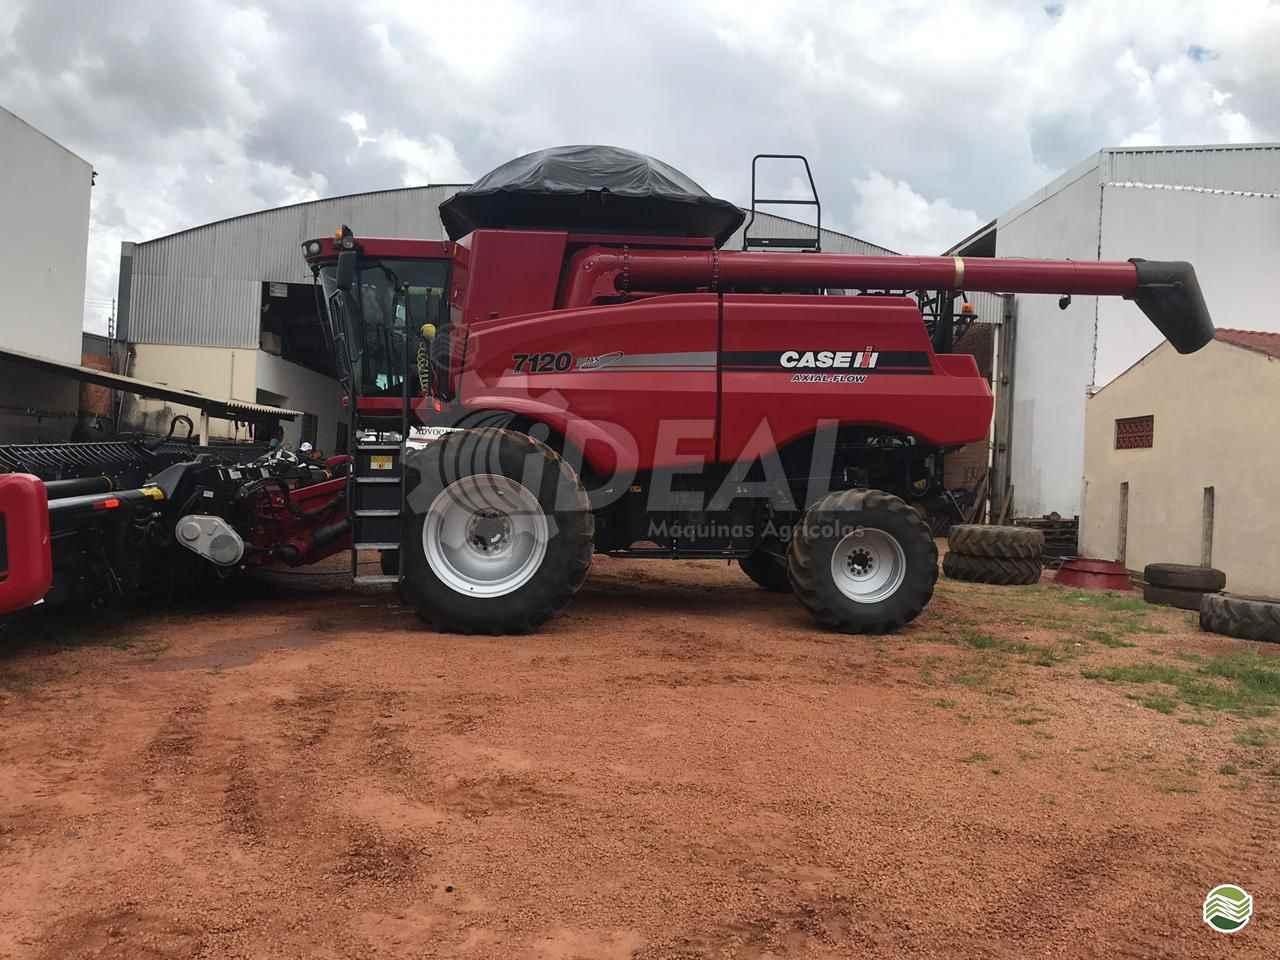 COLHEITADEIRA CASE CASE 7120 Ideal Máquinas Agrícolas SAO GONCALO DO SAPUCAI MINAS GERAIS MG